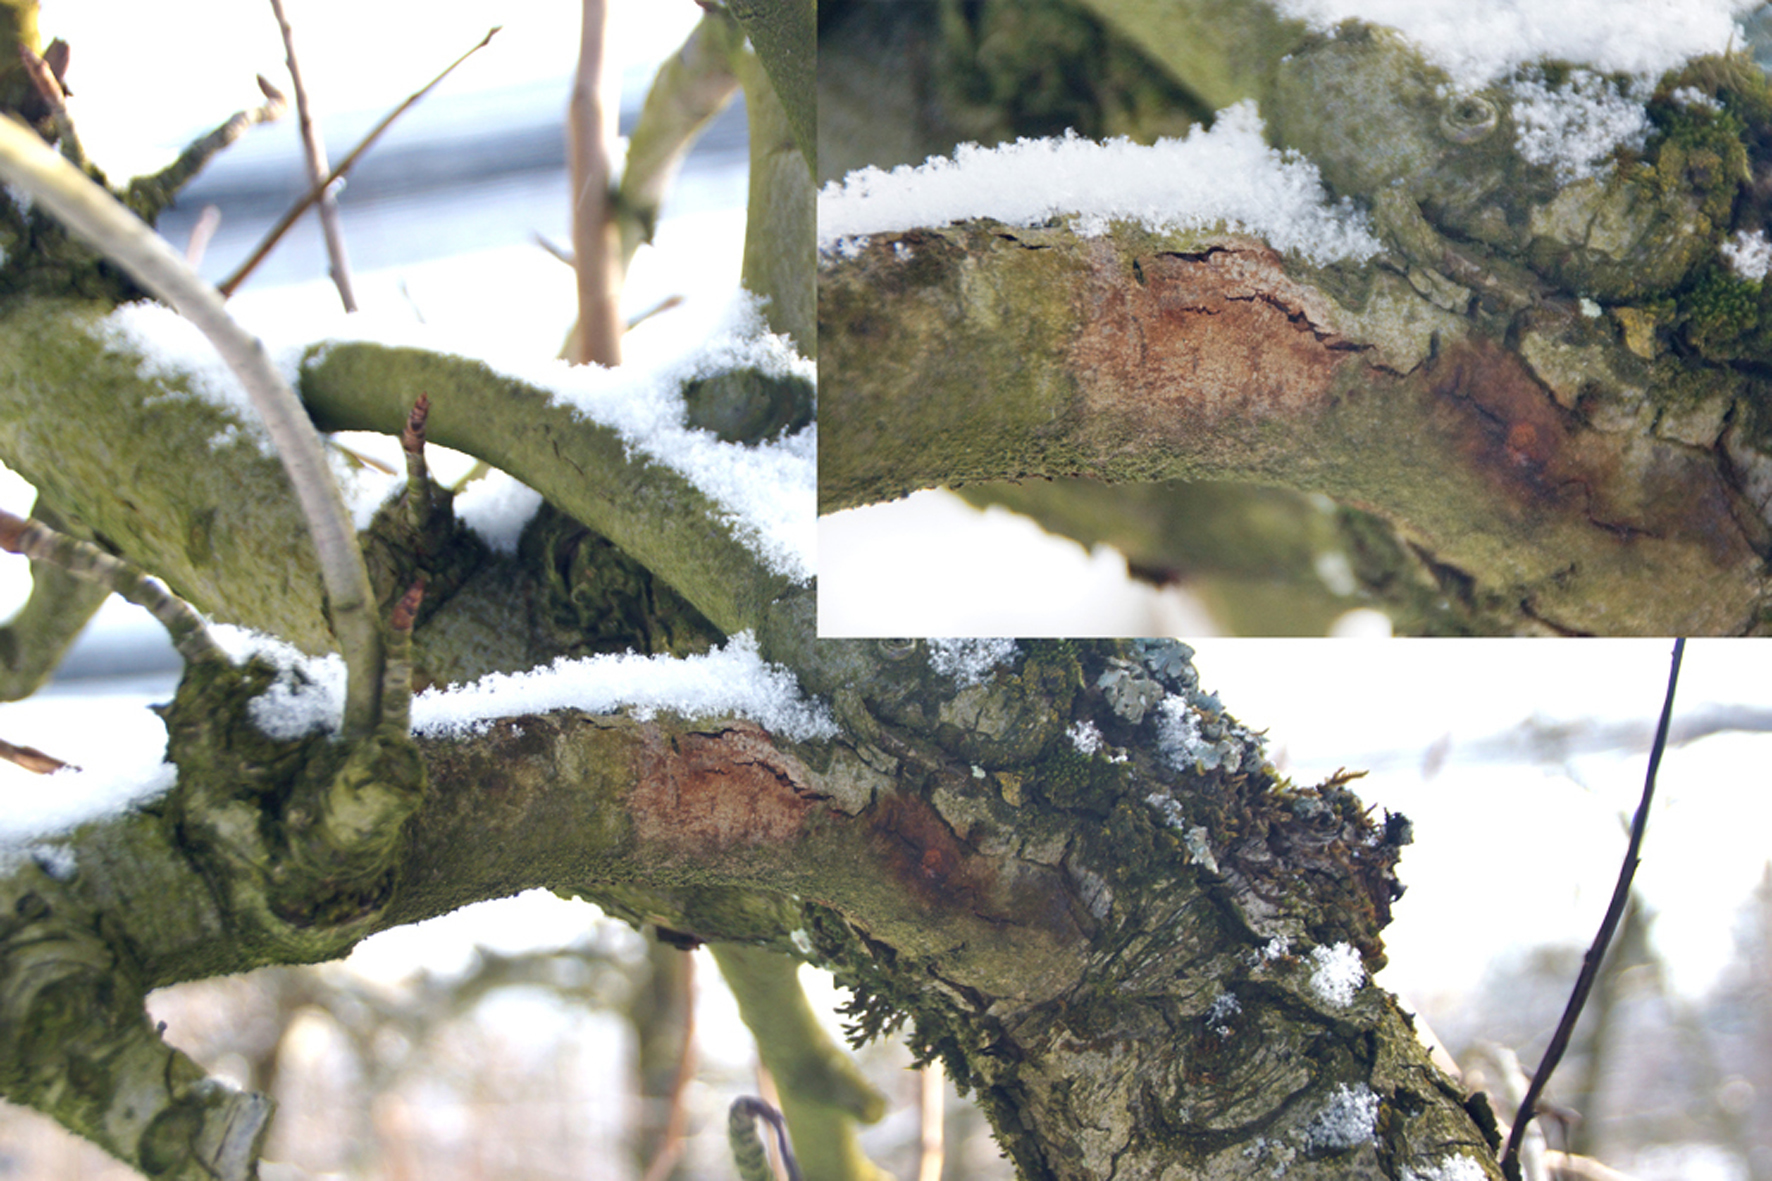 Feuerbrand-Canker an Birnbaum im Winter